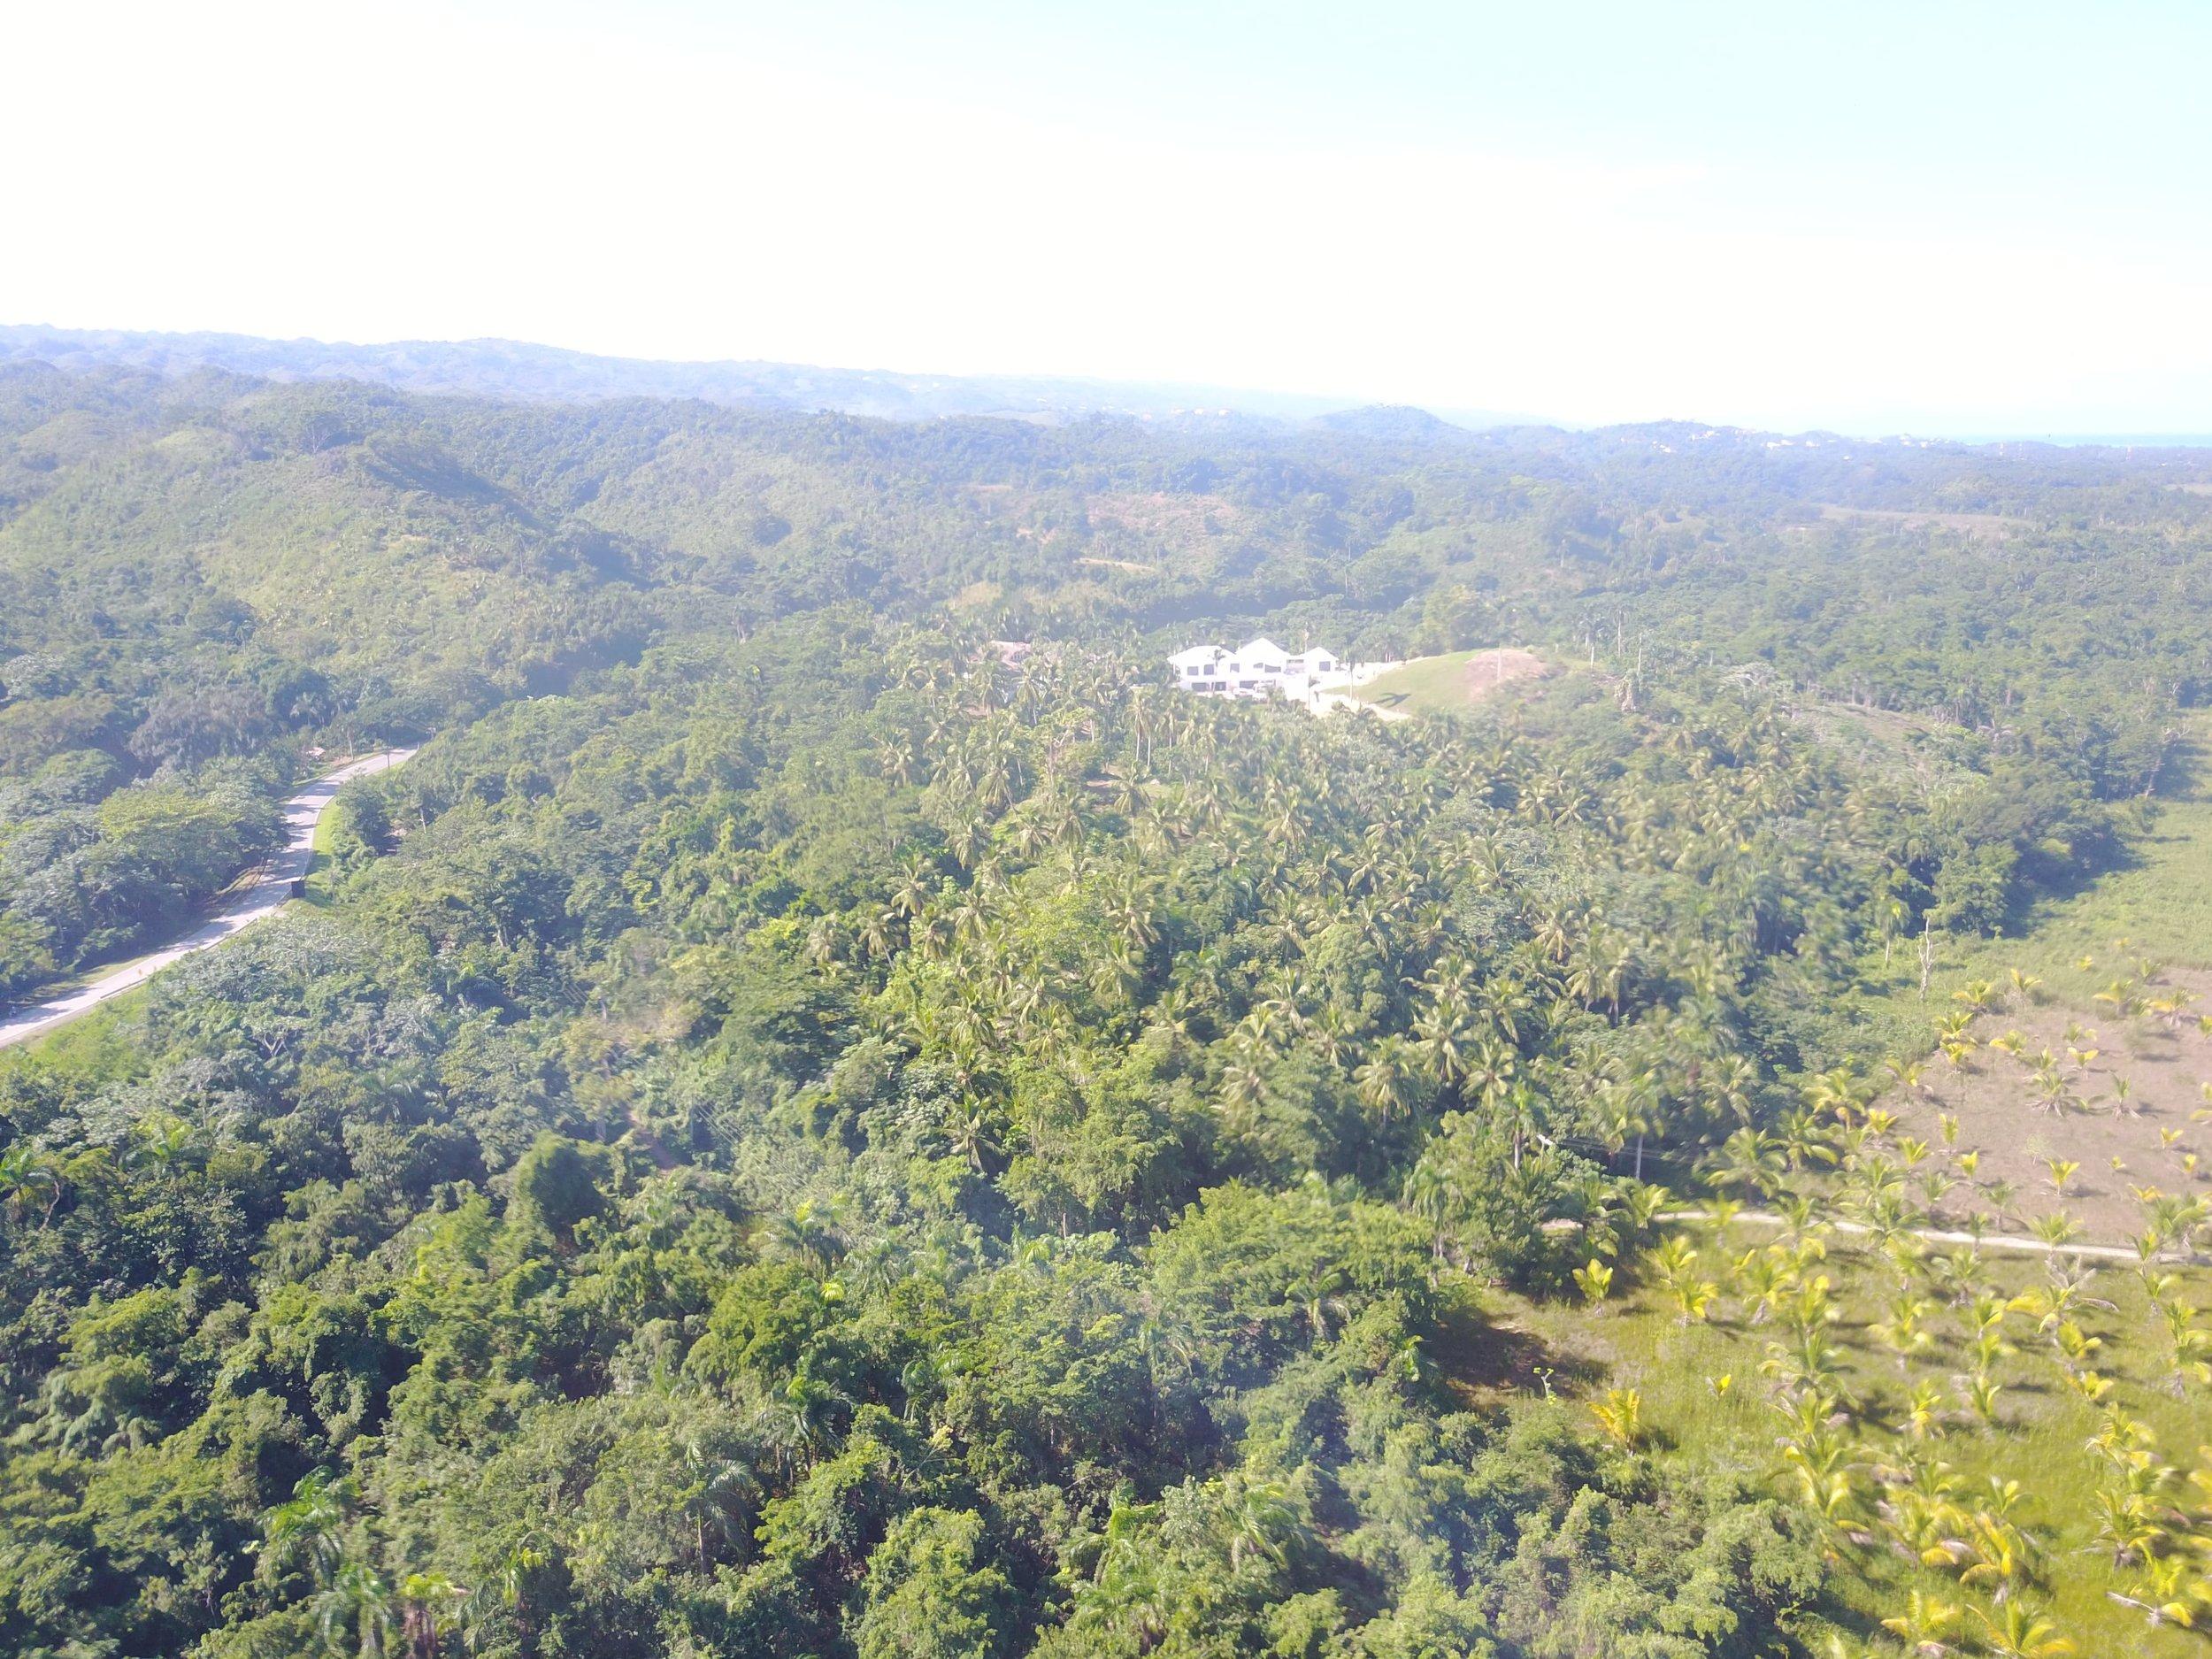 Villa for sale Las Terrenas Cocoloba5-min.JPG